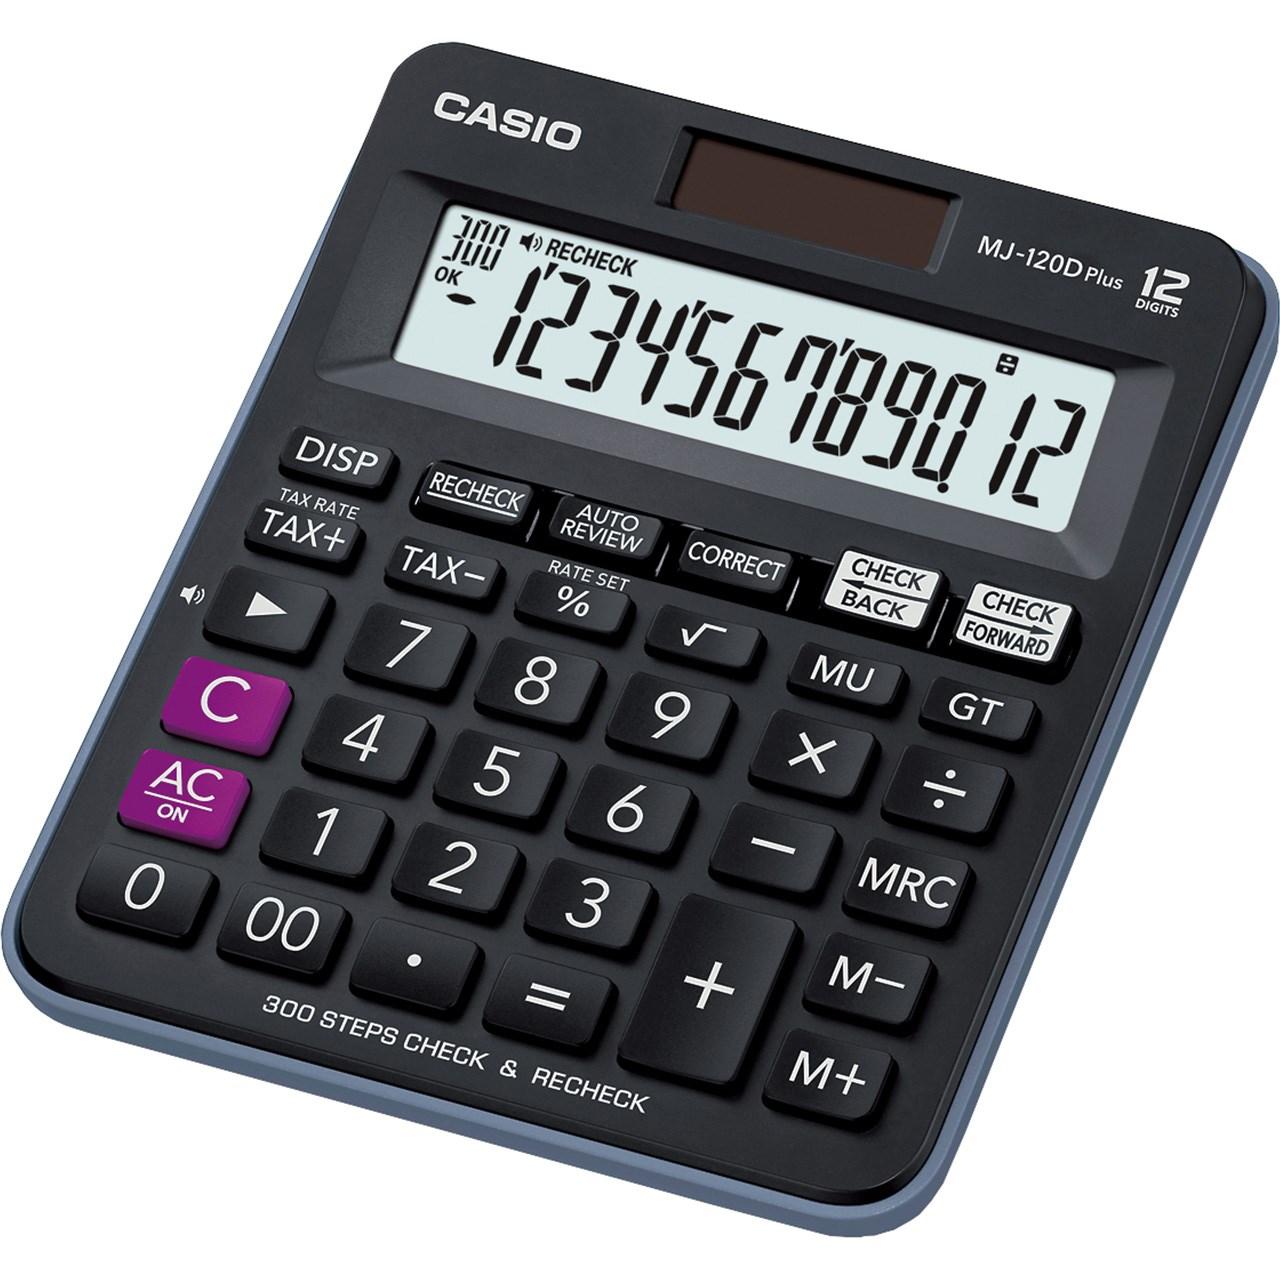 خرید ماشین حساب کاسیو مدل MJ-120D PLUS